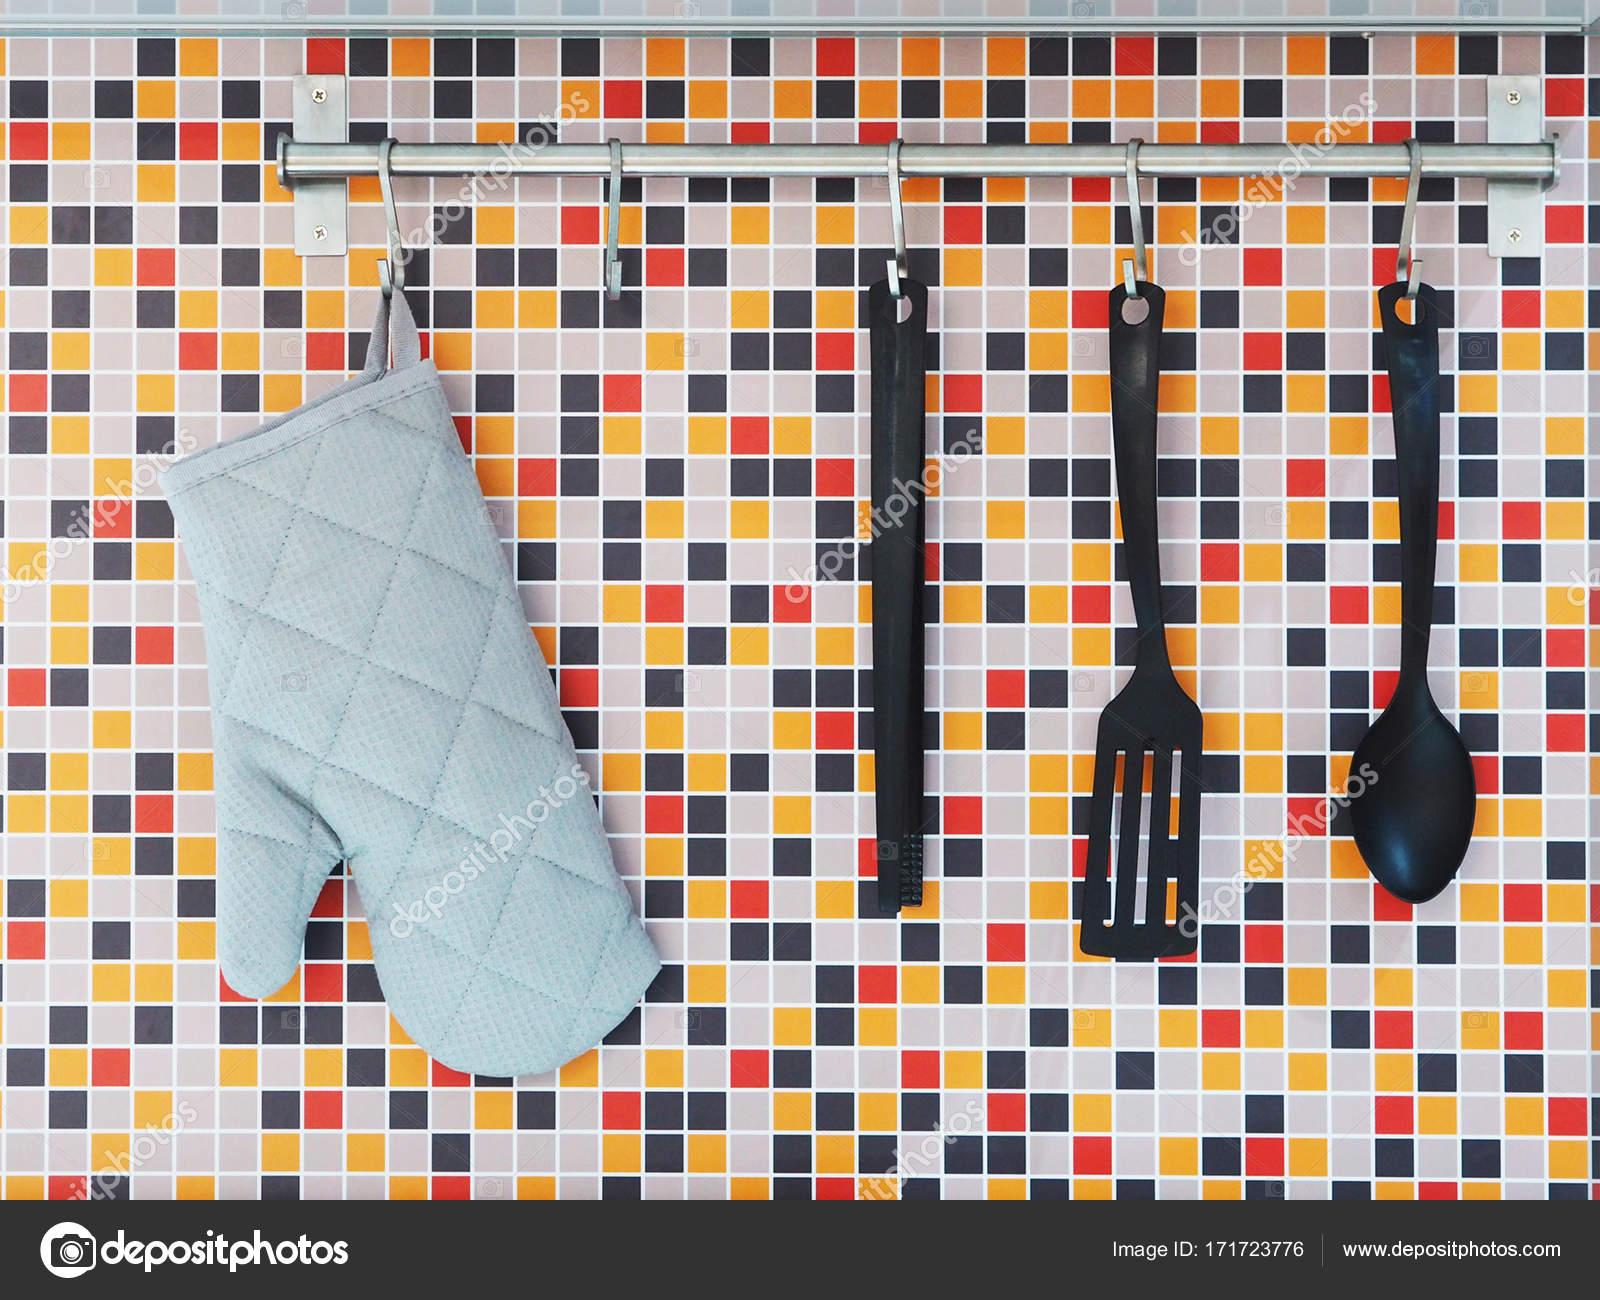 Utensili da cucina appeso sopra colorato mosaico piastrelle di